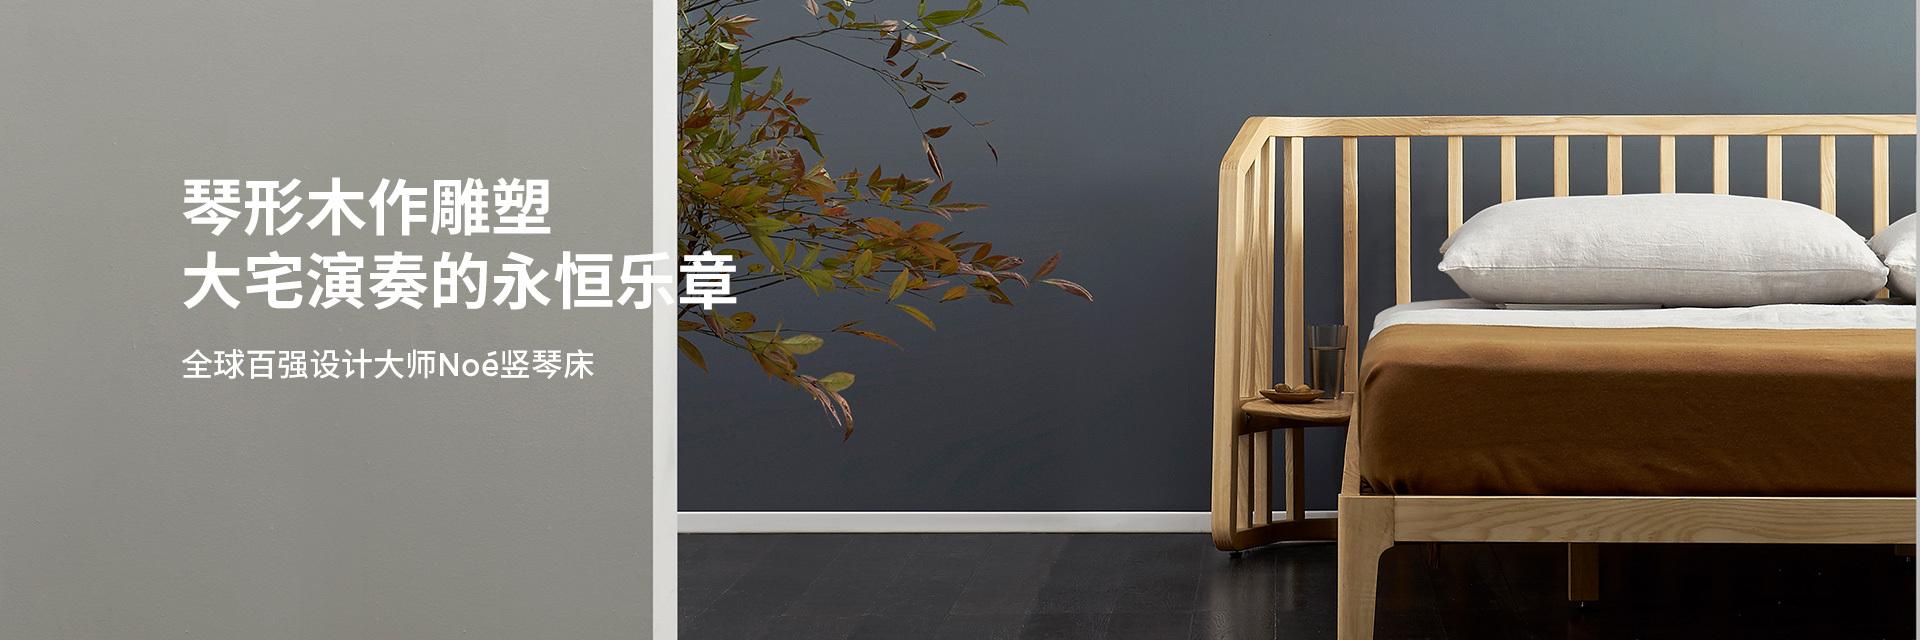 全球百强设计大师Noé竖琴床